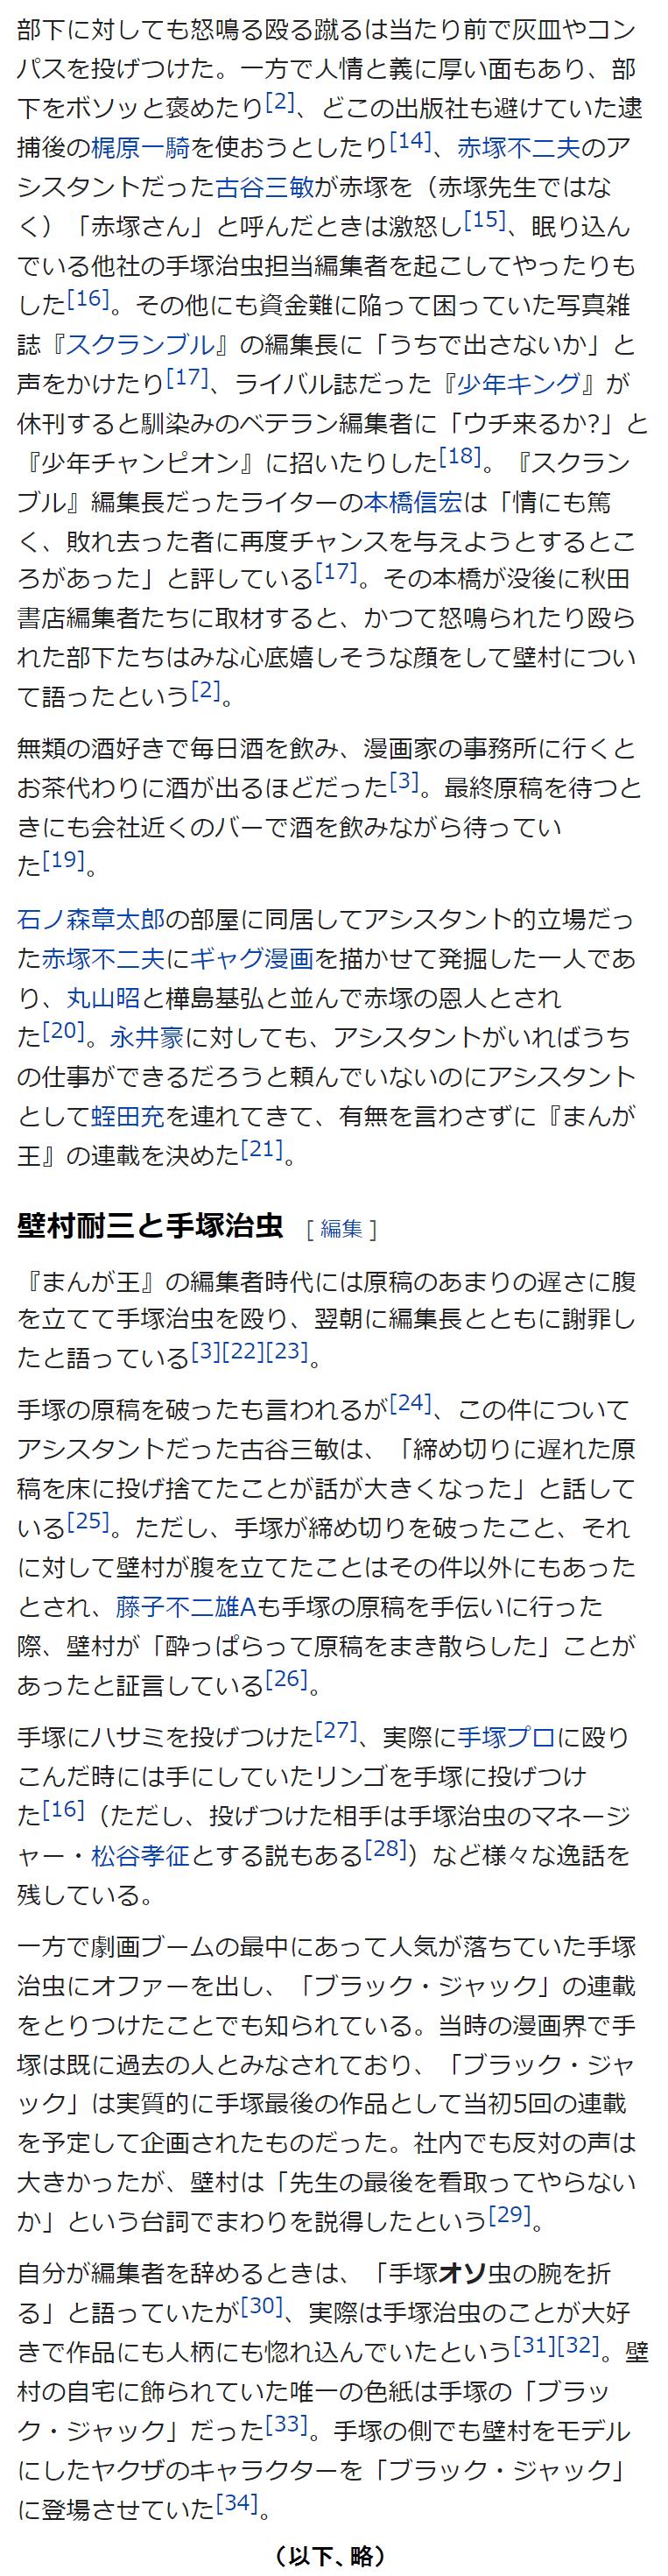 壁村耐三1_2